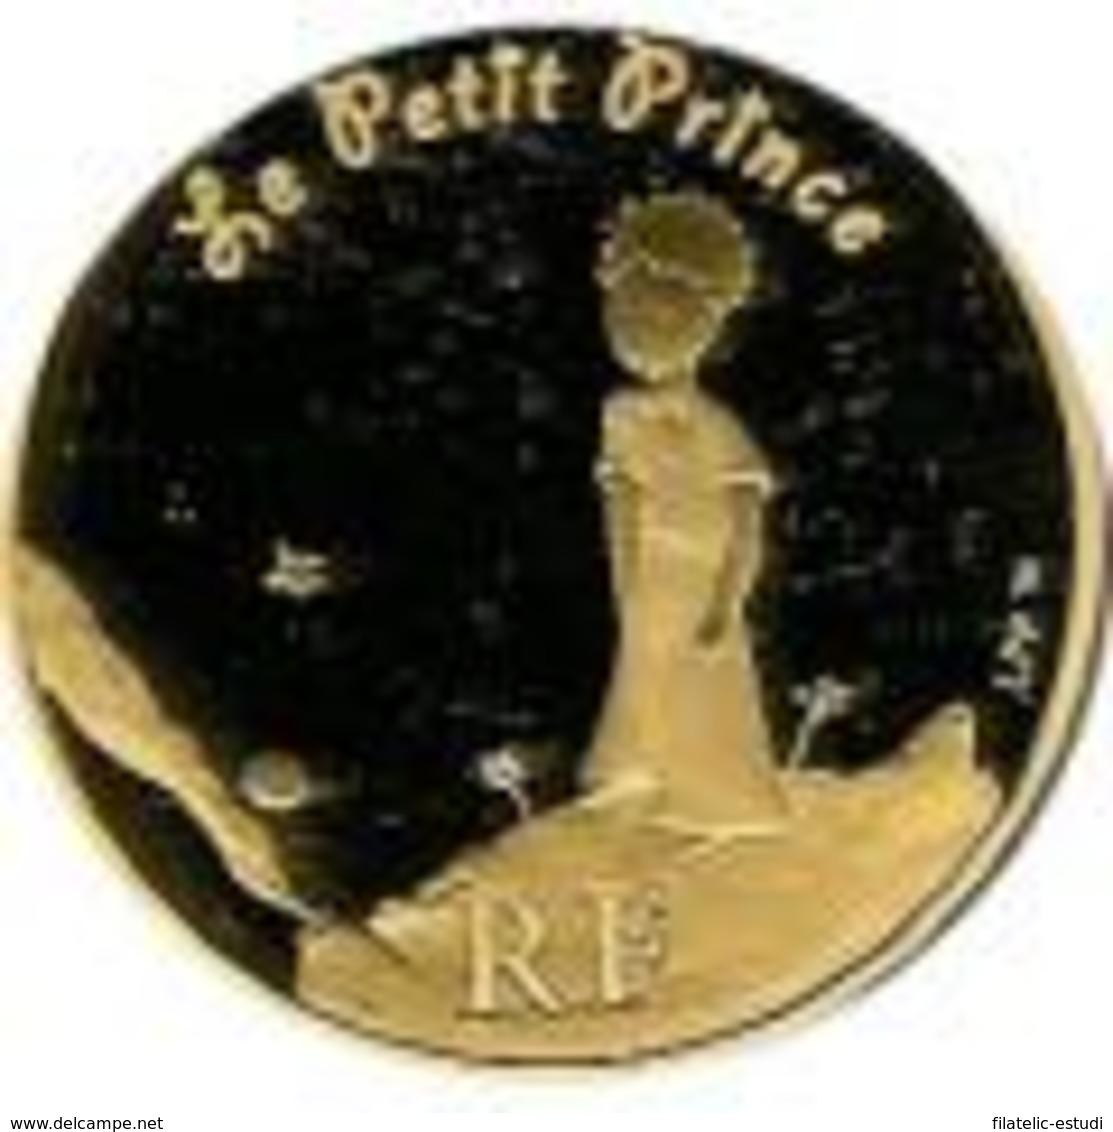 Monedas - €uros Conmemorativos De Europa - Francia - FR_MC088  - Francia 50€ ( - Sin Clasificación